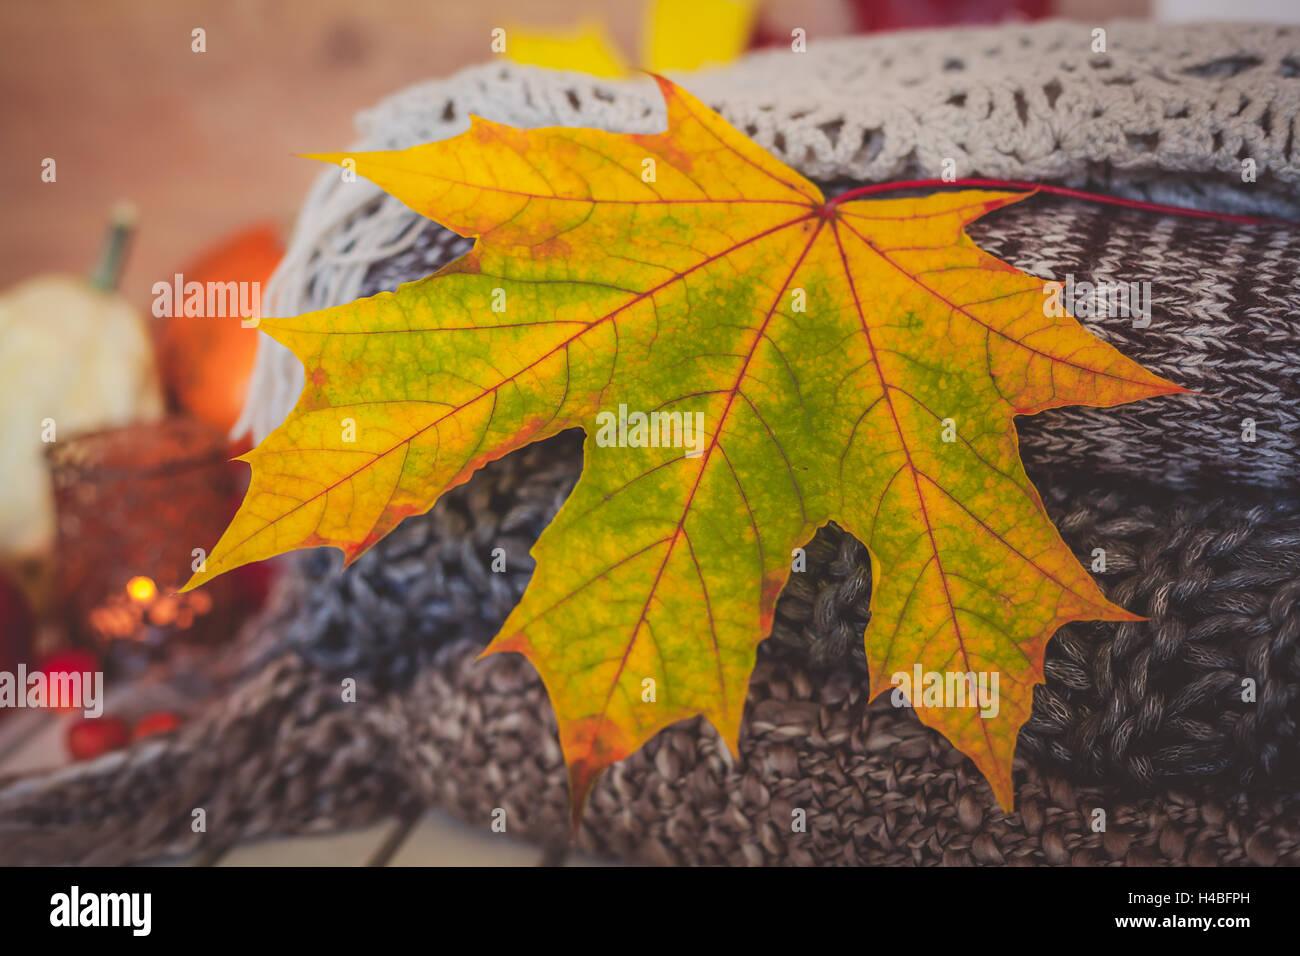 Bodegn otoo decoracin con hojas secas de color amarillo de lana